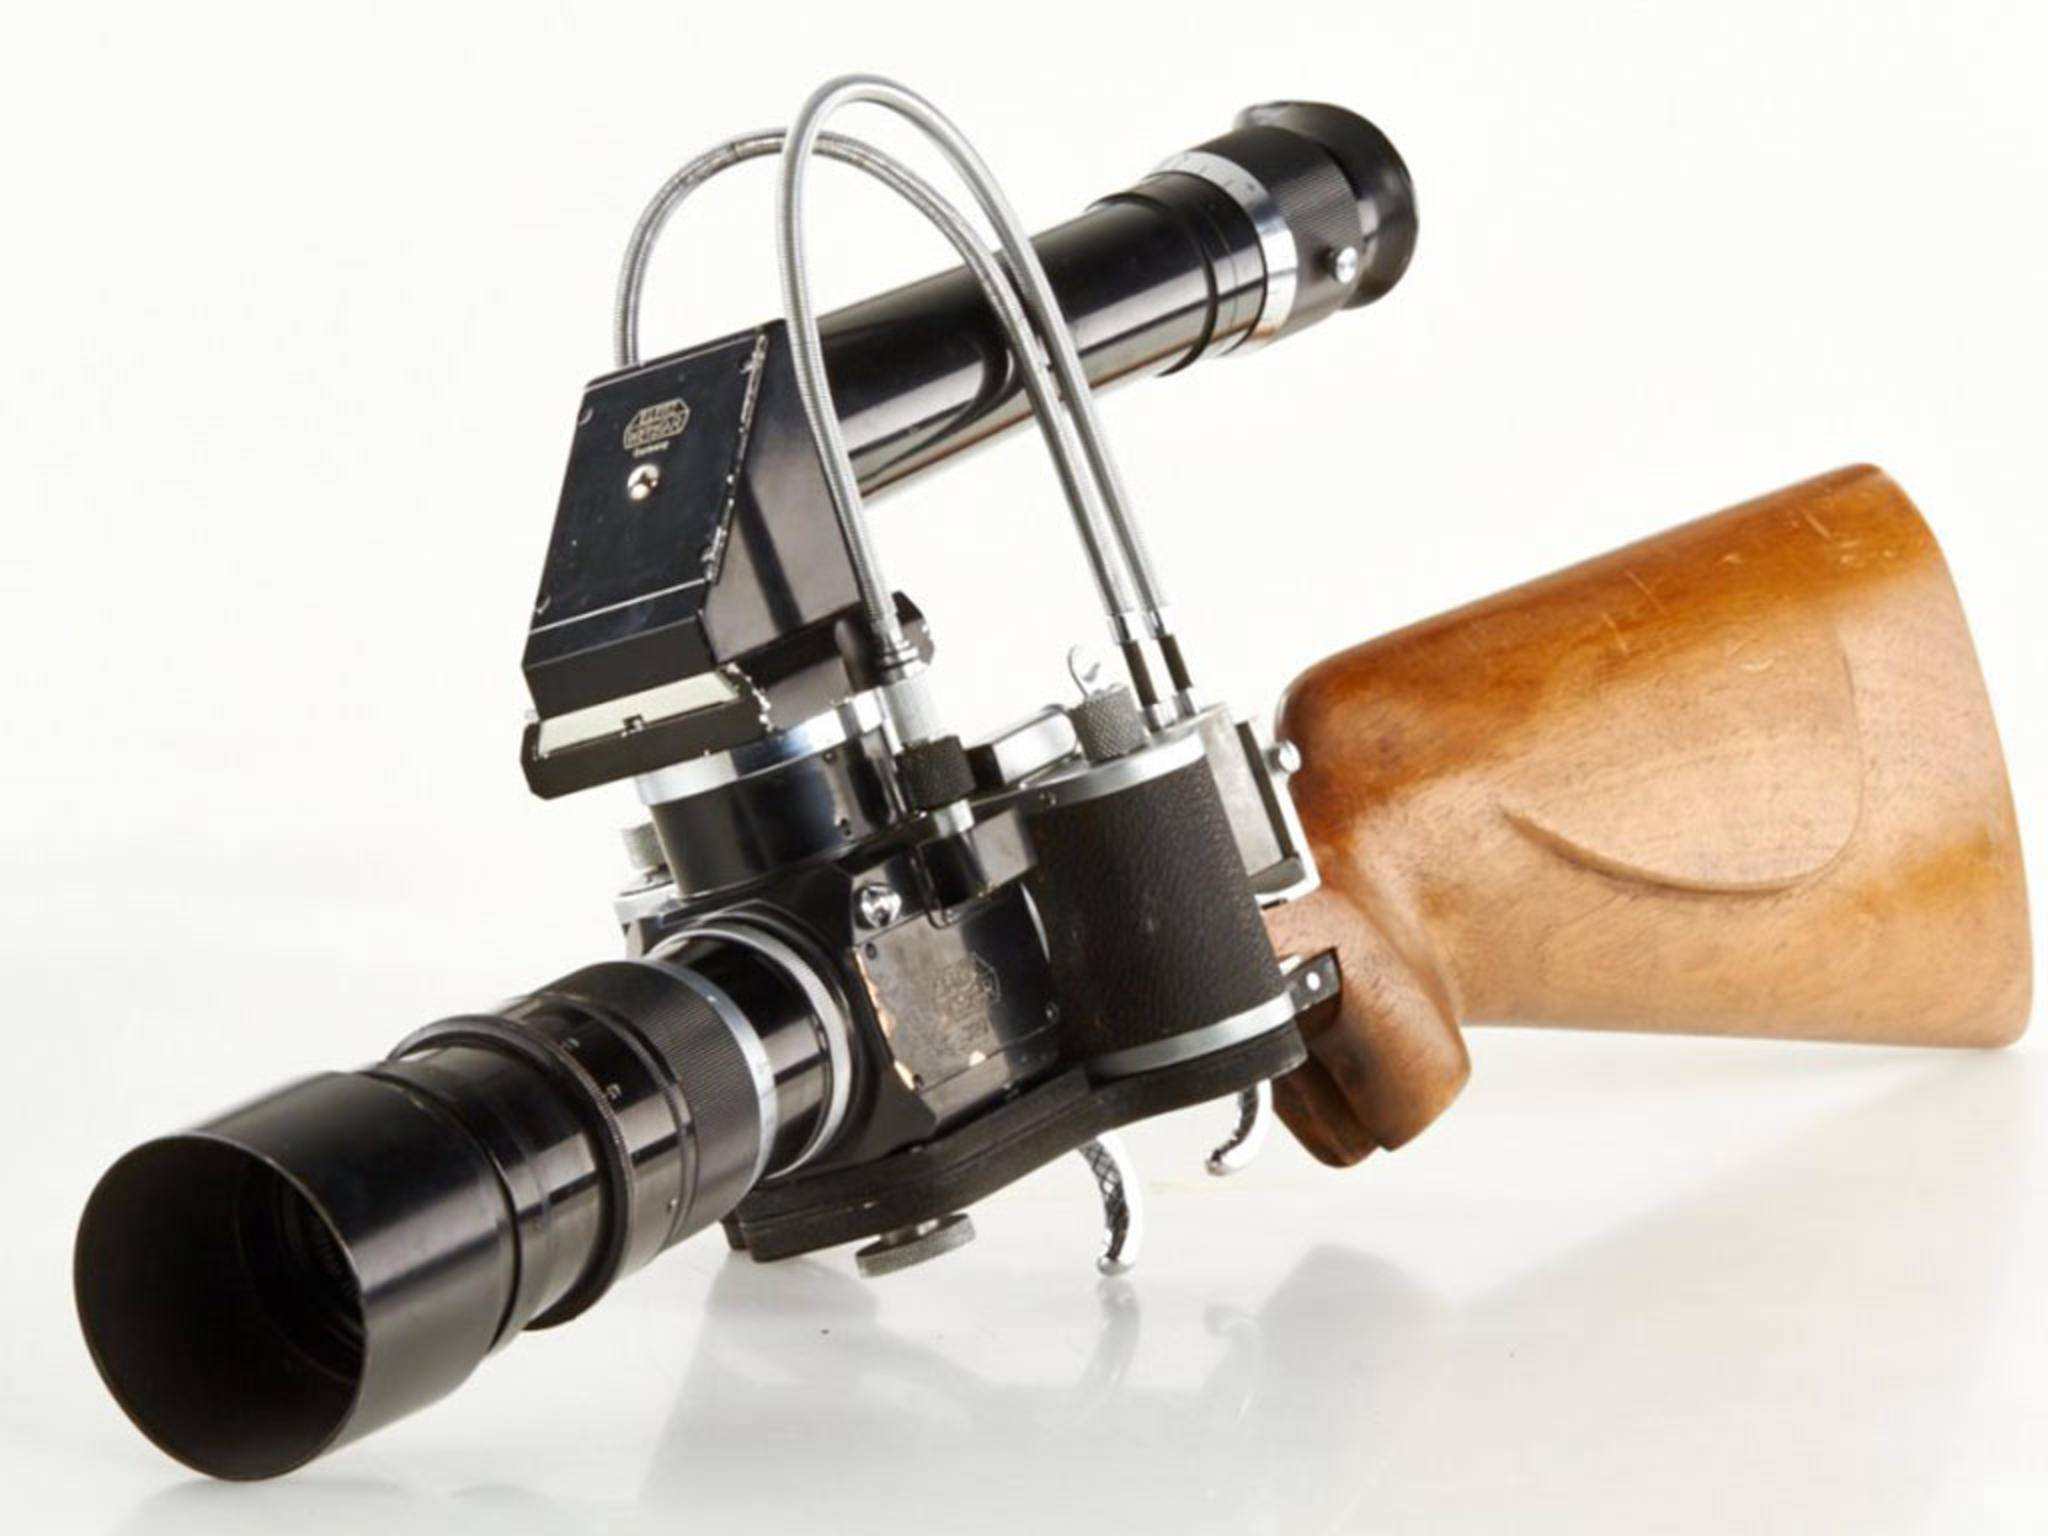 Das Leica Foto-Gewehr hat natürlich auch ein langes Zielfernrohr als Okular.